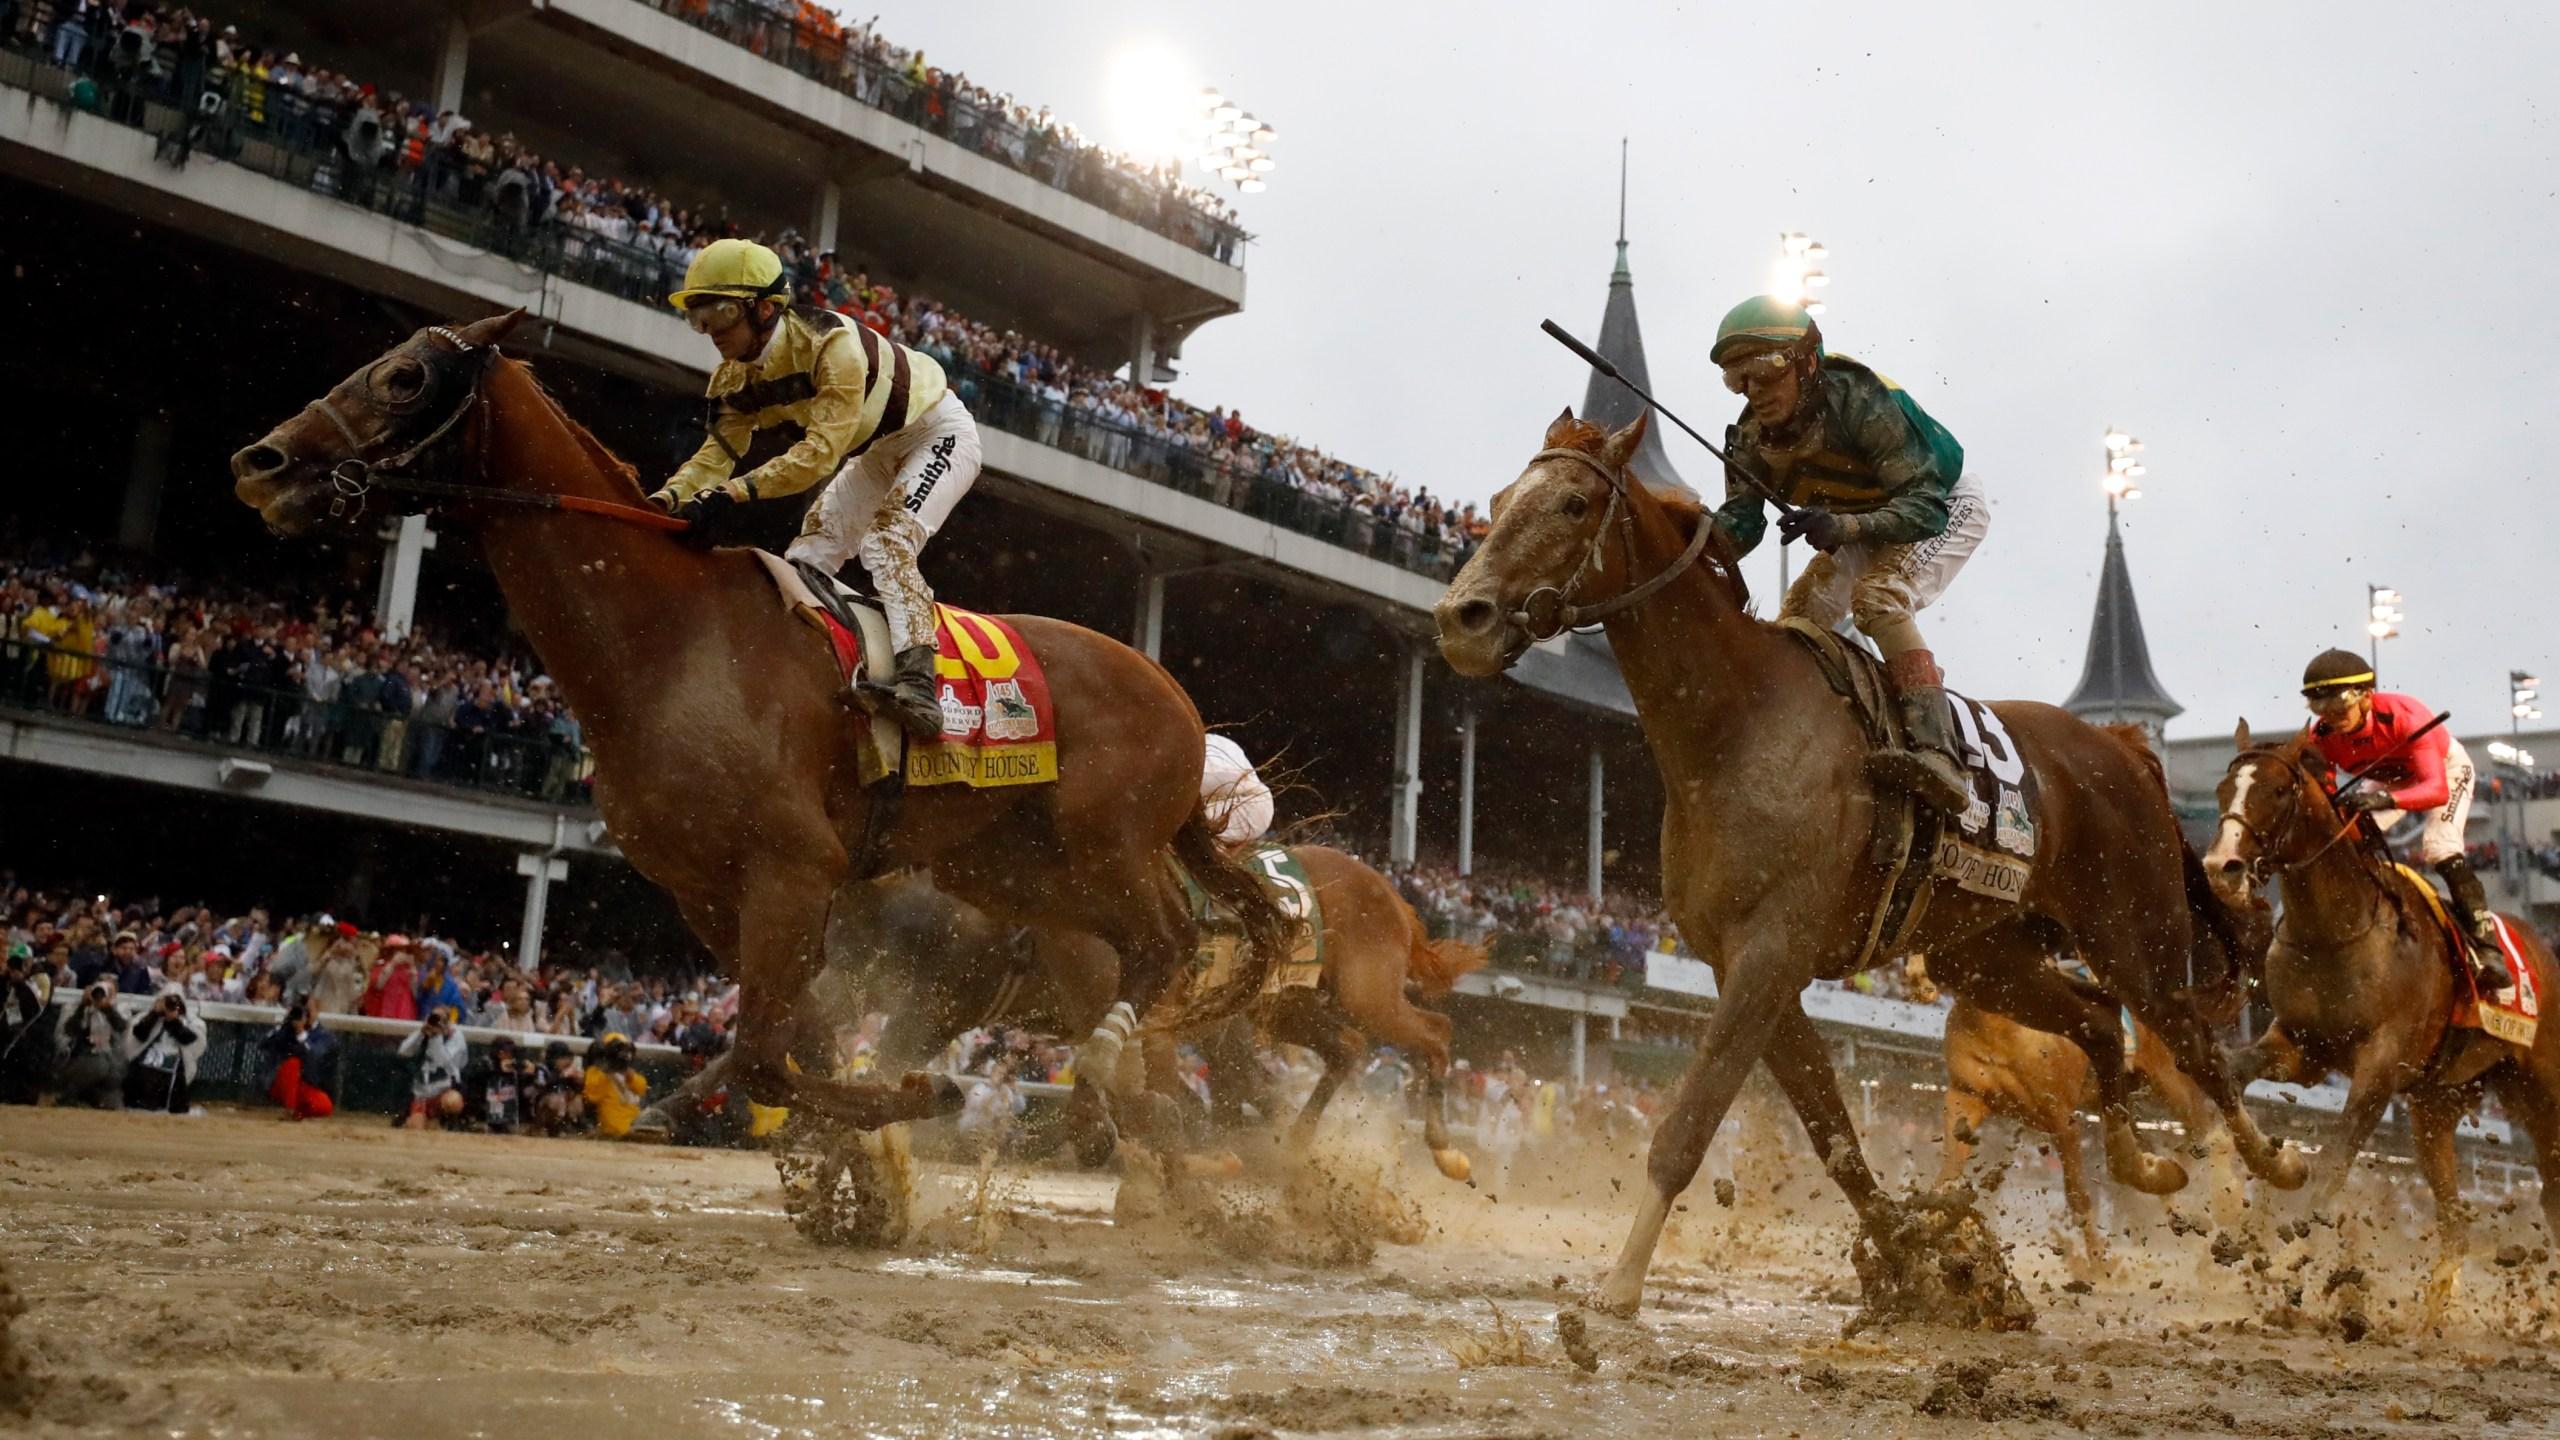 Kentucky_Derby_Horse_Racing_32877-159532.jpg69445914